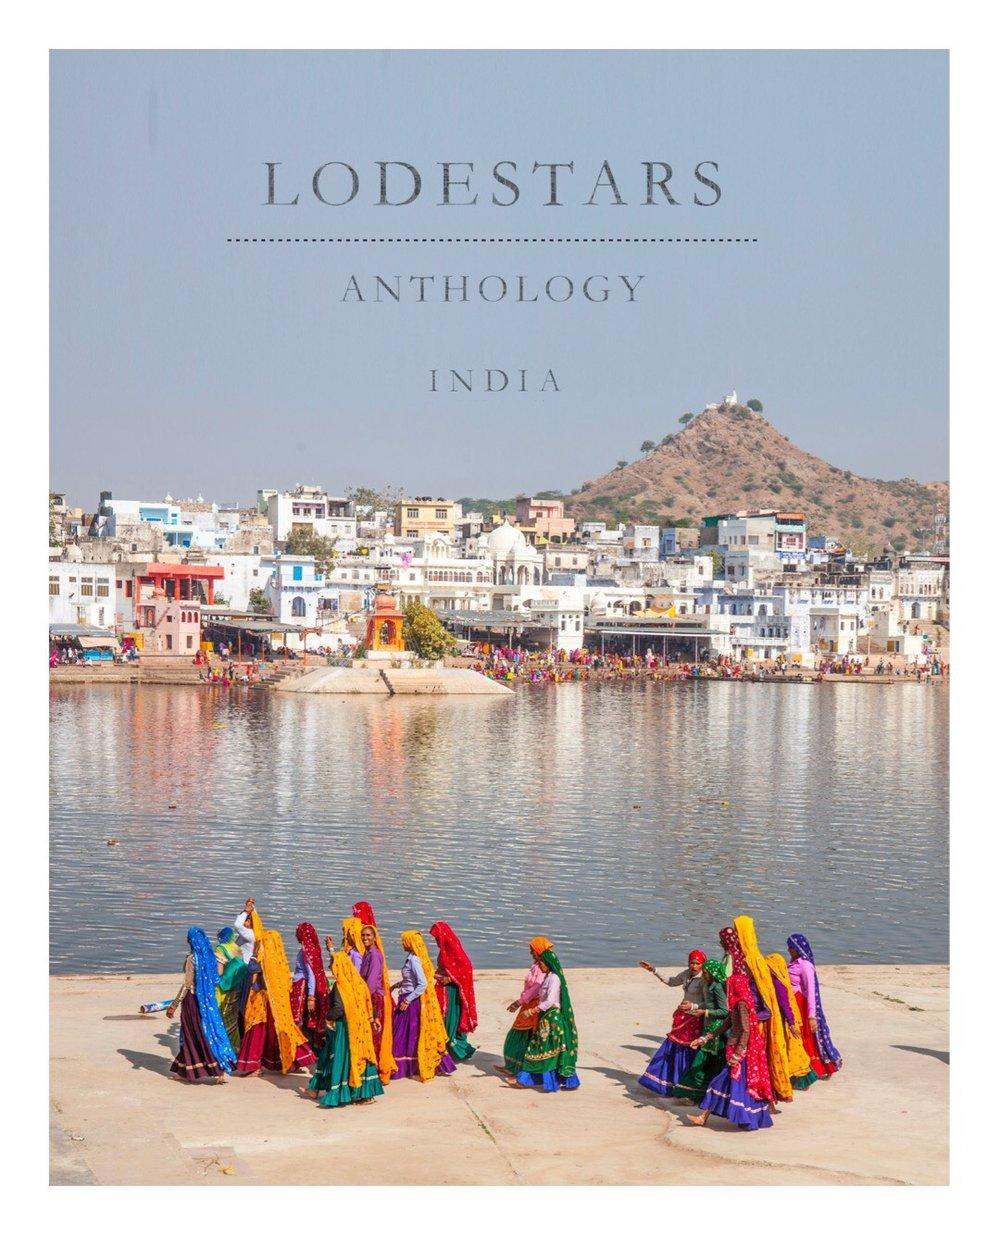 Lodestars Anthology India.jpeg